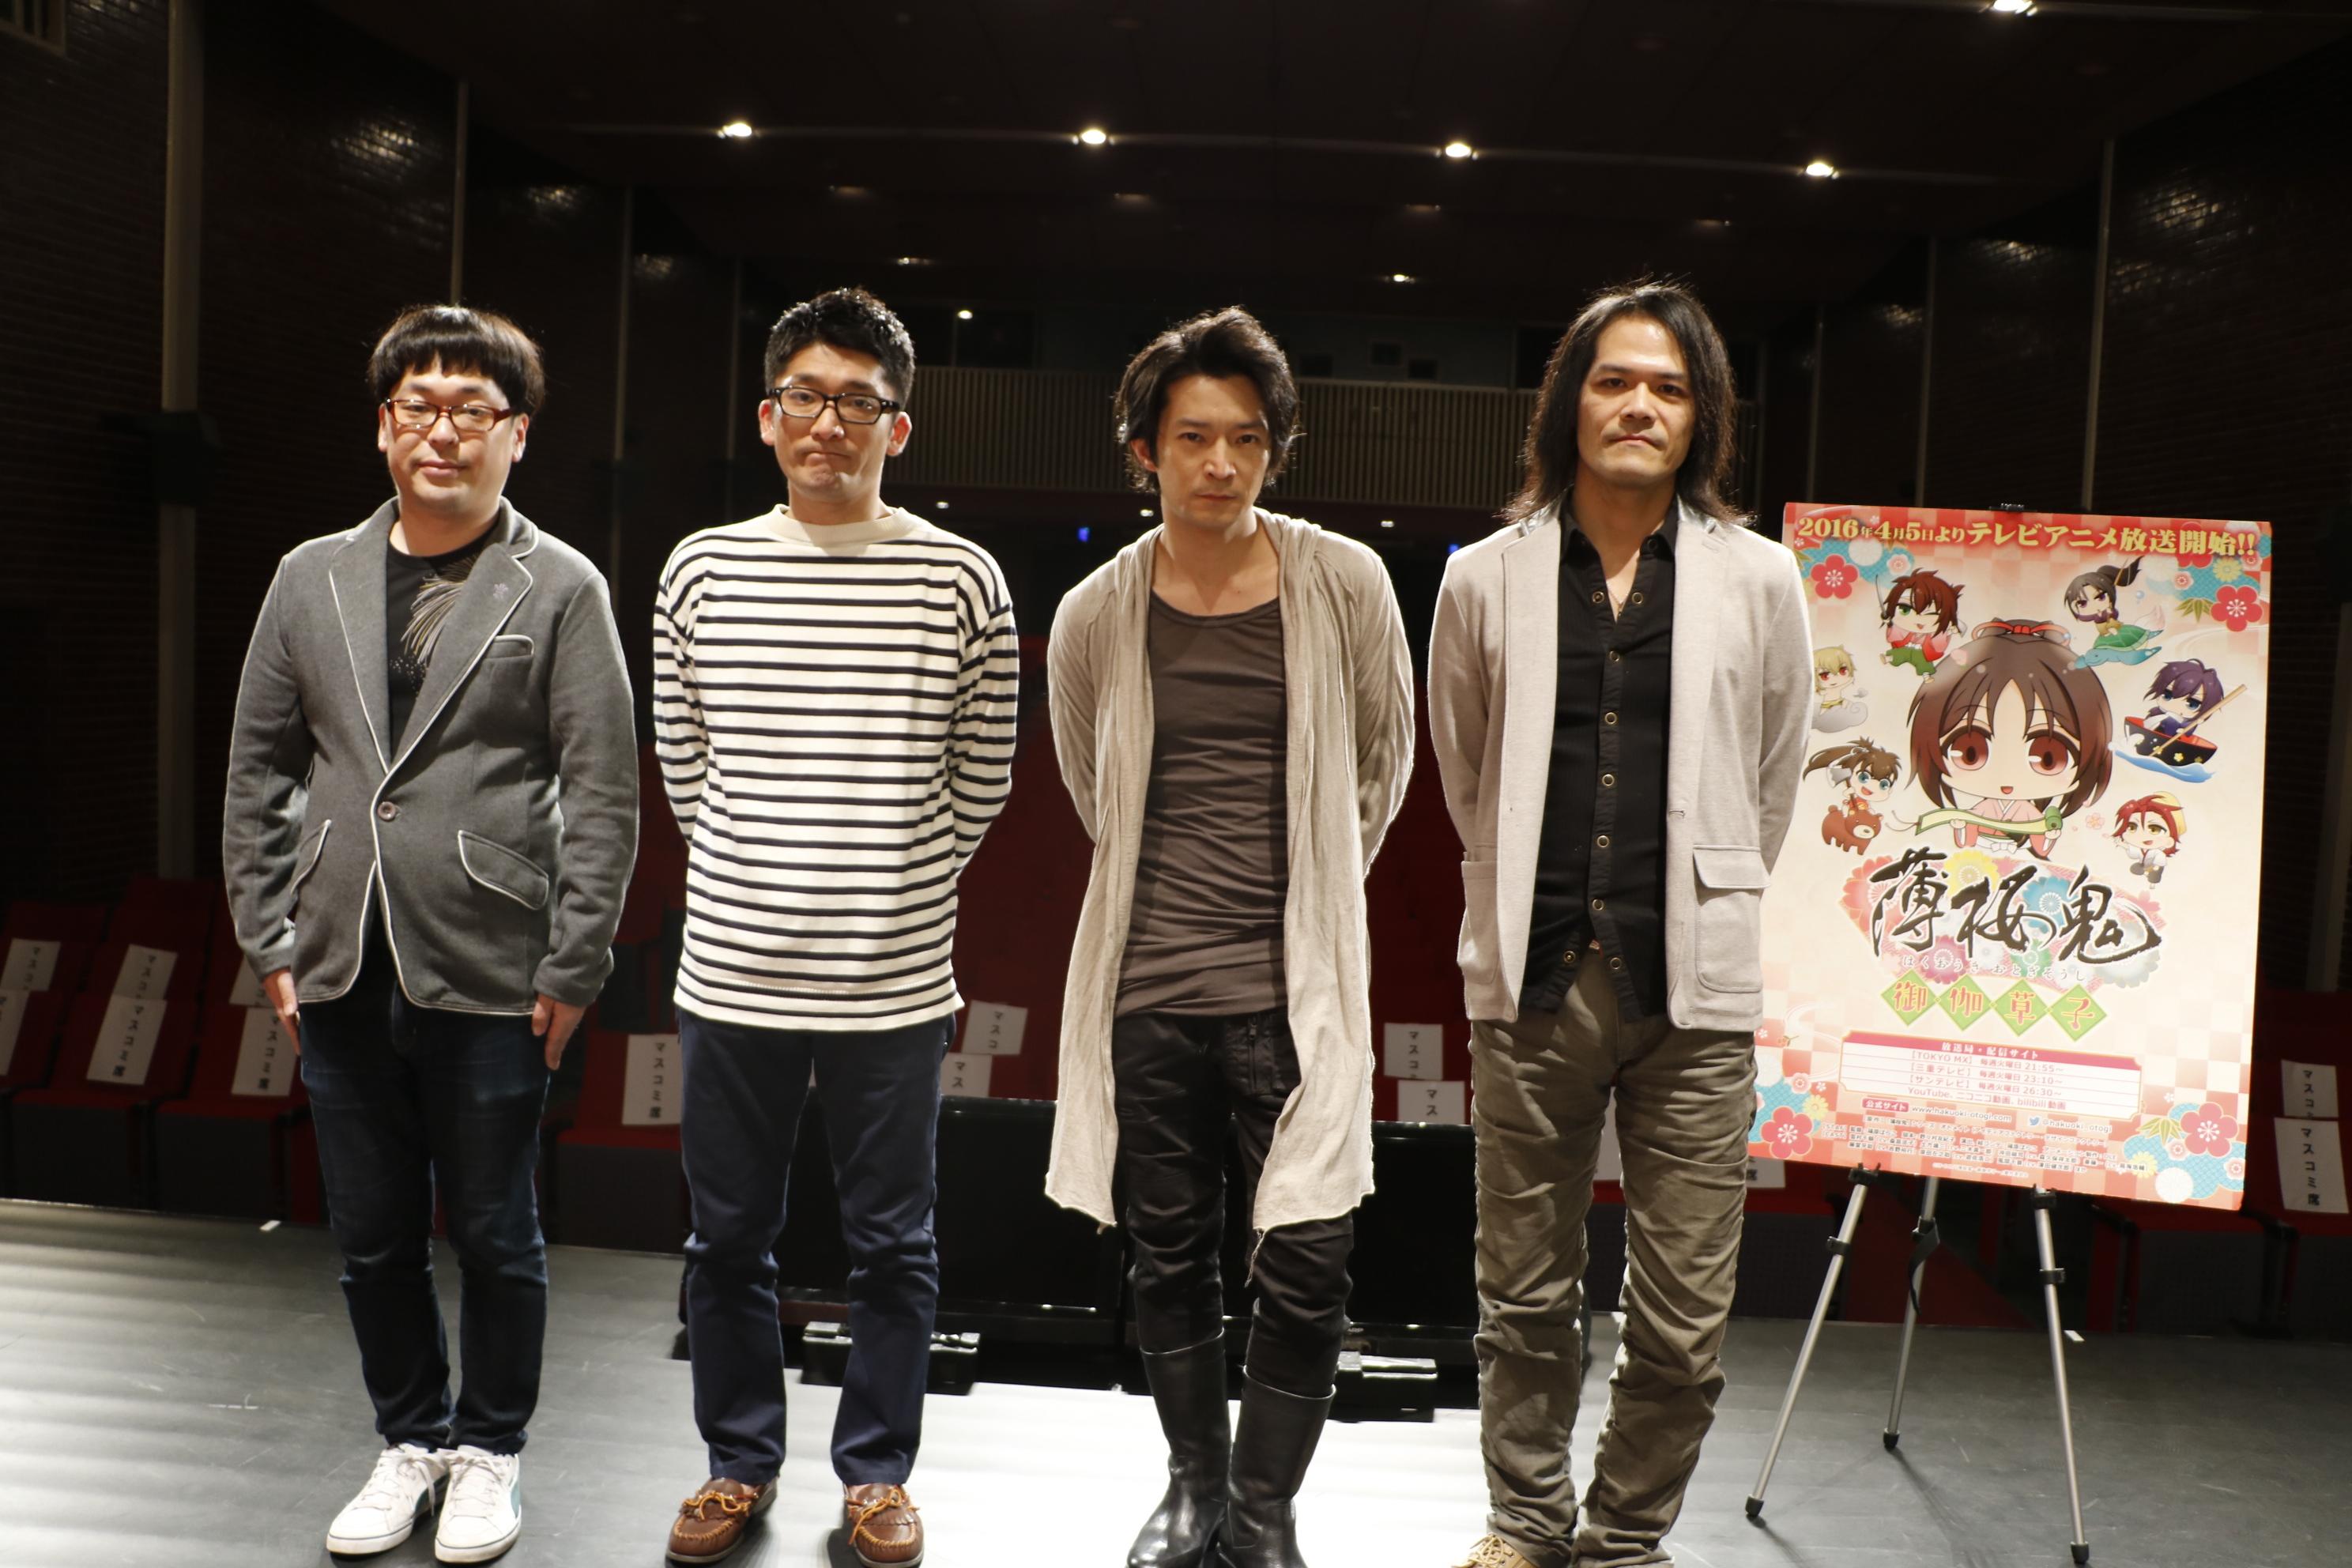 左から天津・向、山口りゅう、津田健次郎、吉田裕秋